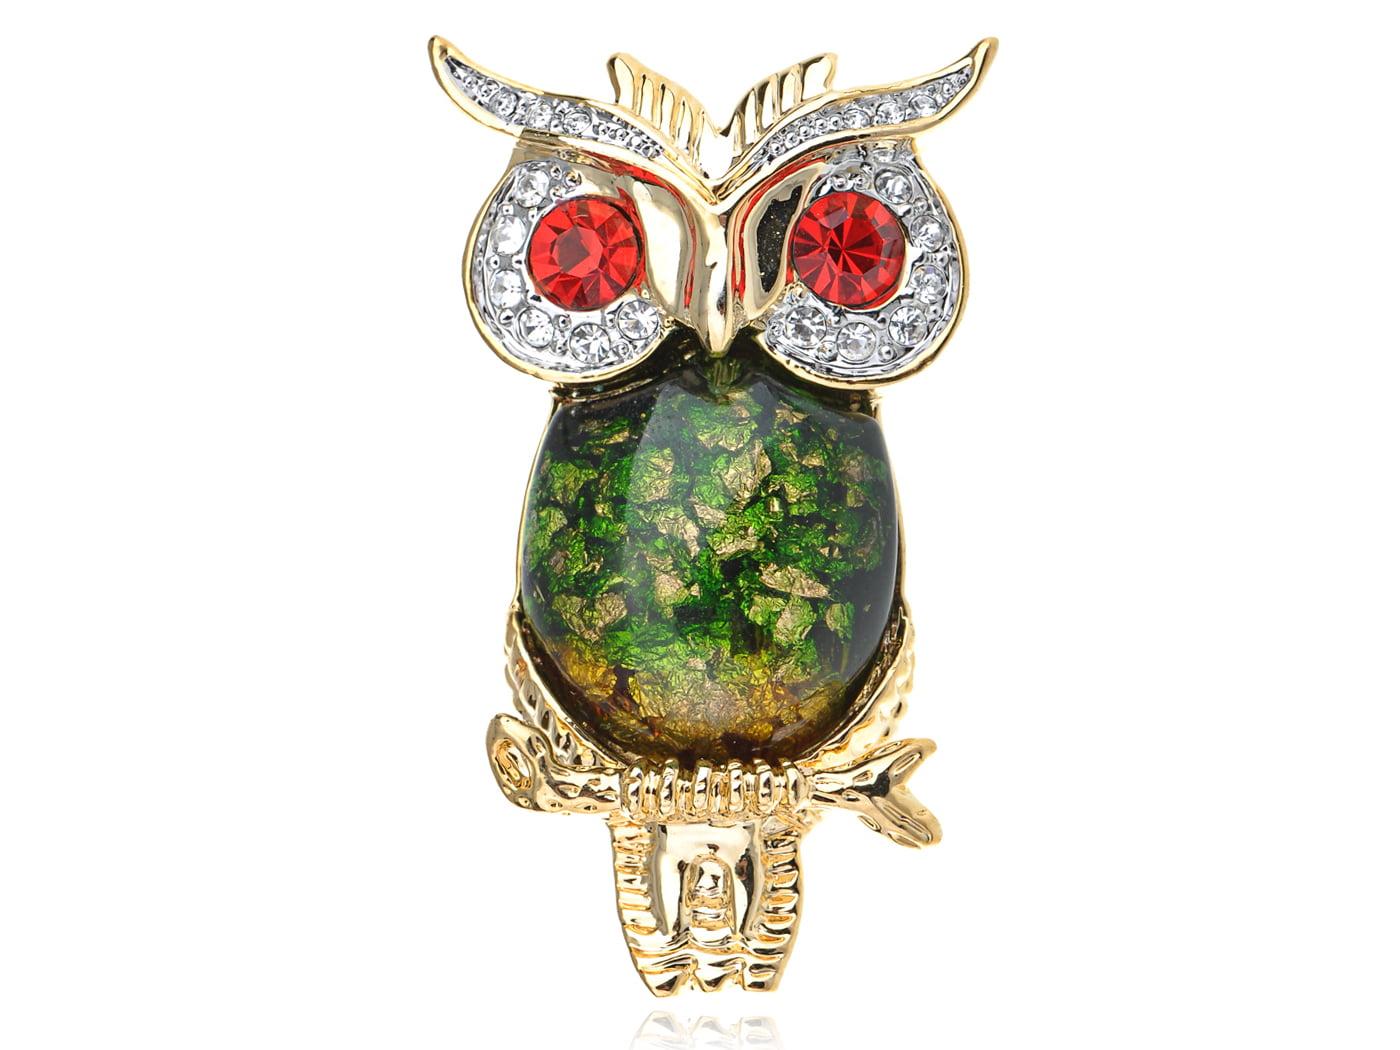 Ruby Red Crystal Rhinestone Eye Green Gold Tone Foil Bead Owl Bird Pin Brooch by